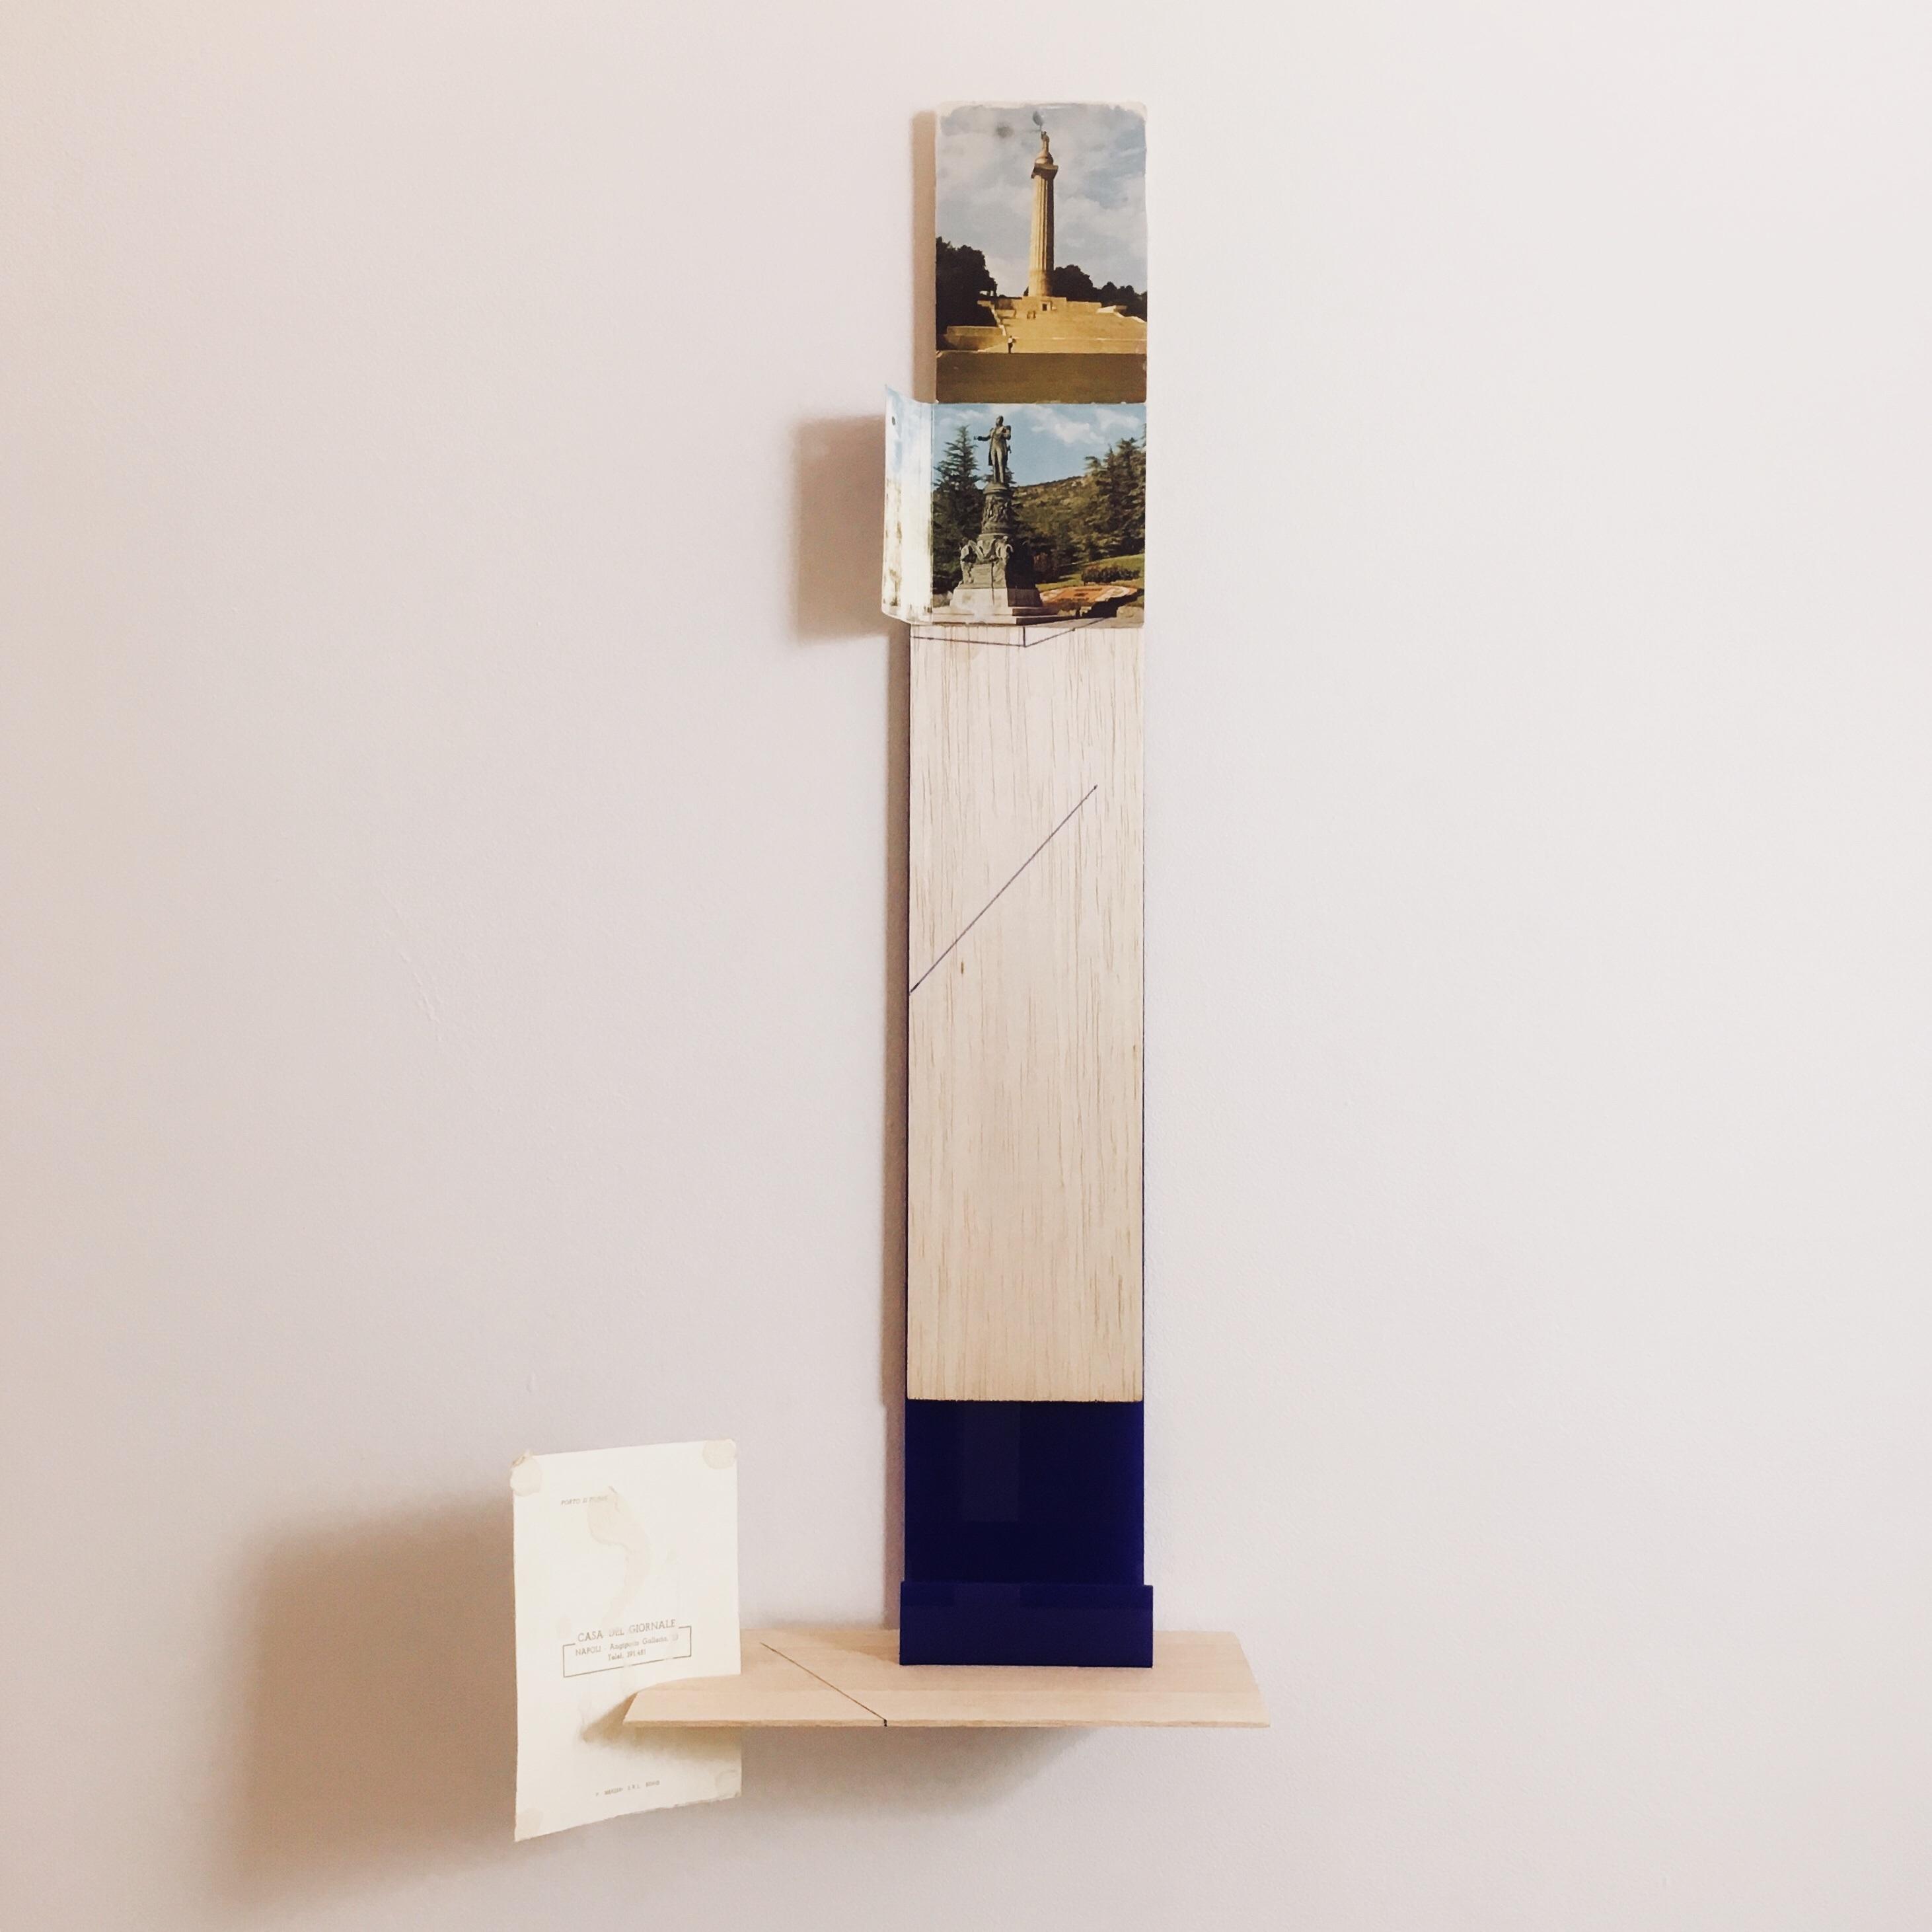 Gê Orthof, Máquinas mínimas, Napoli, Acrílico, postais e balsa, Desenho assemblage, 53 x 13 x 10 cm, 2018